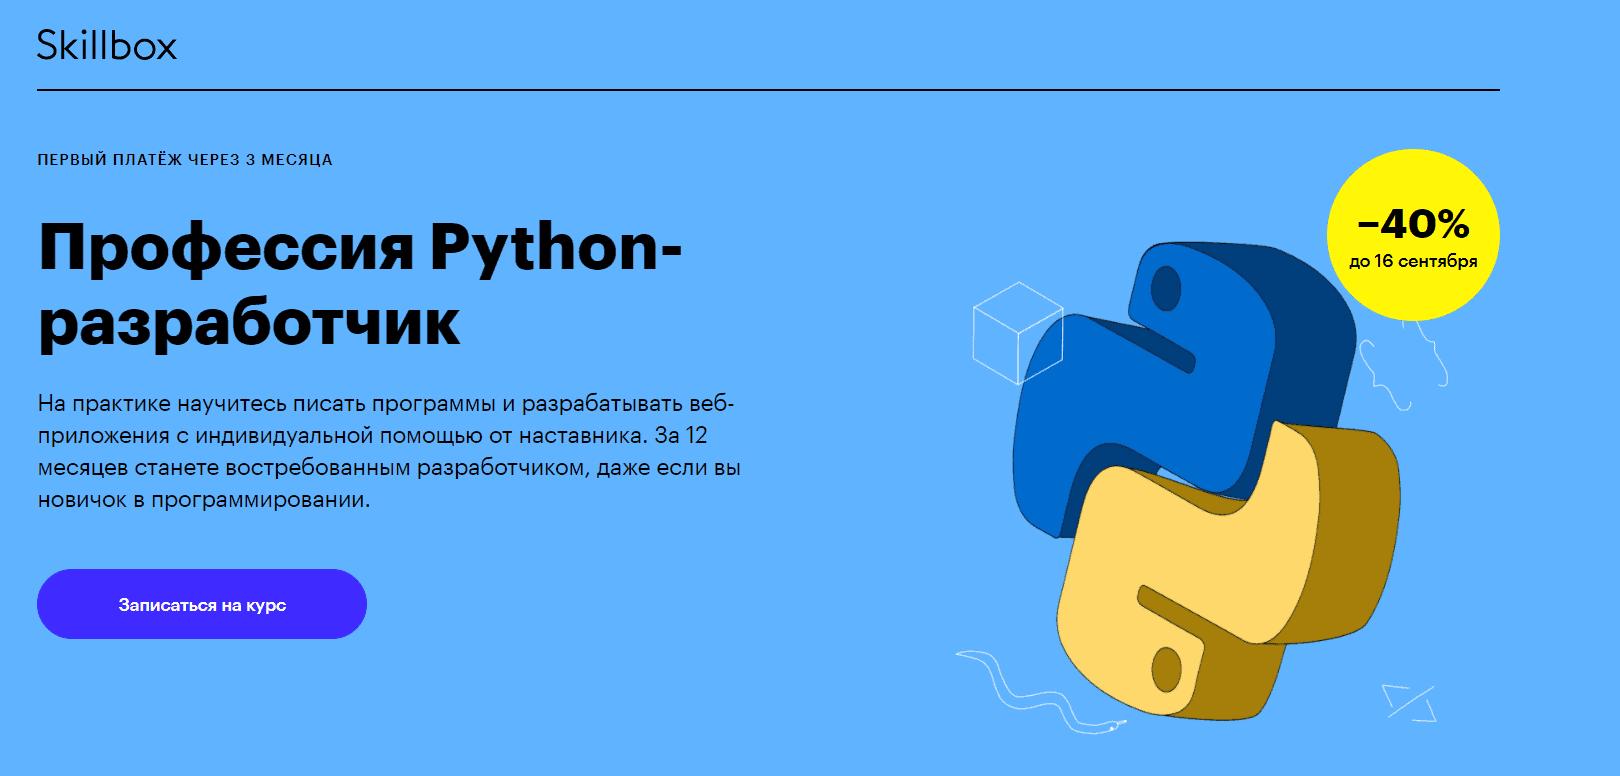 Профессия Python-разработчик от Скиллбокс